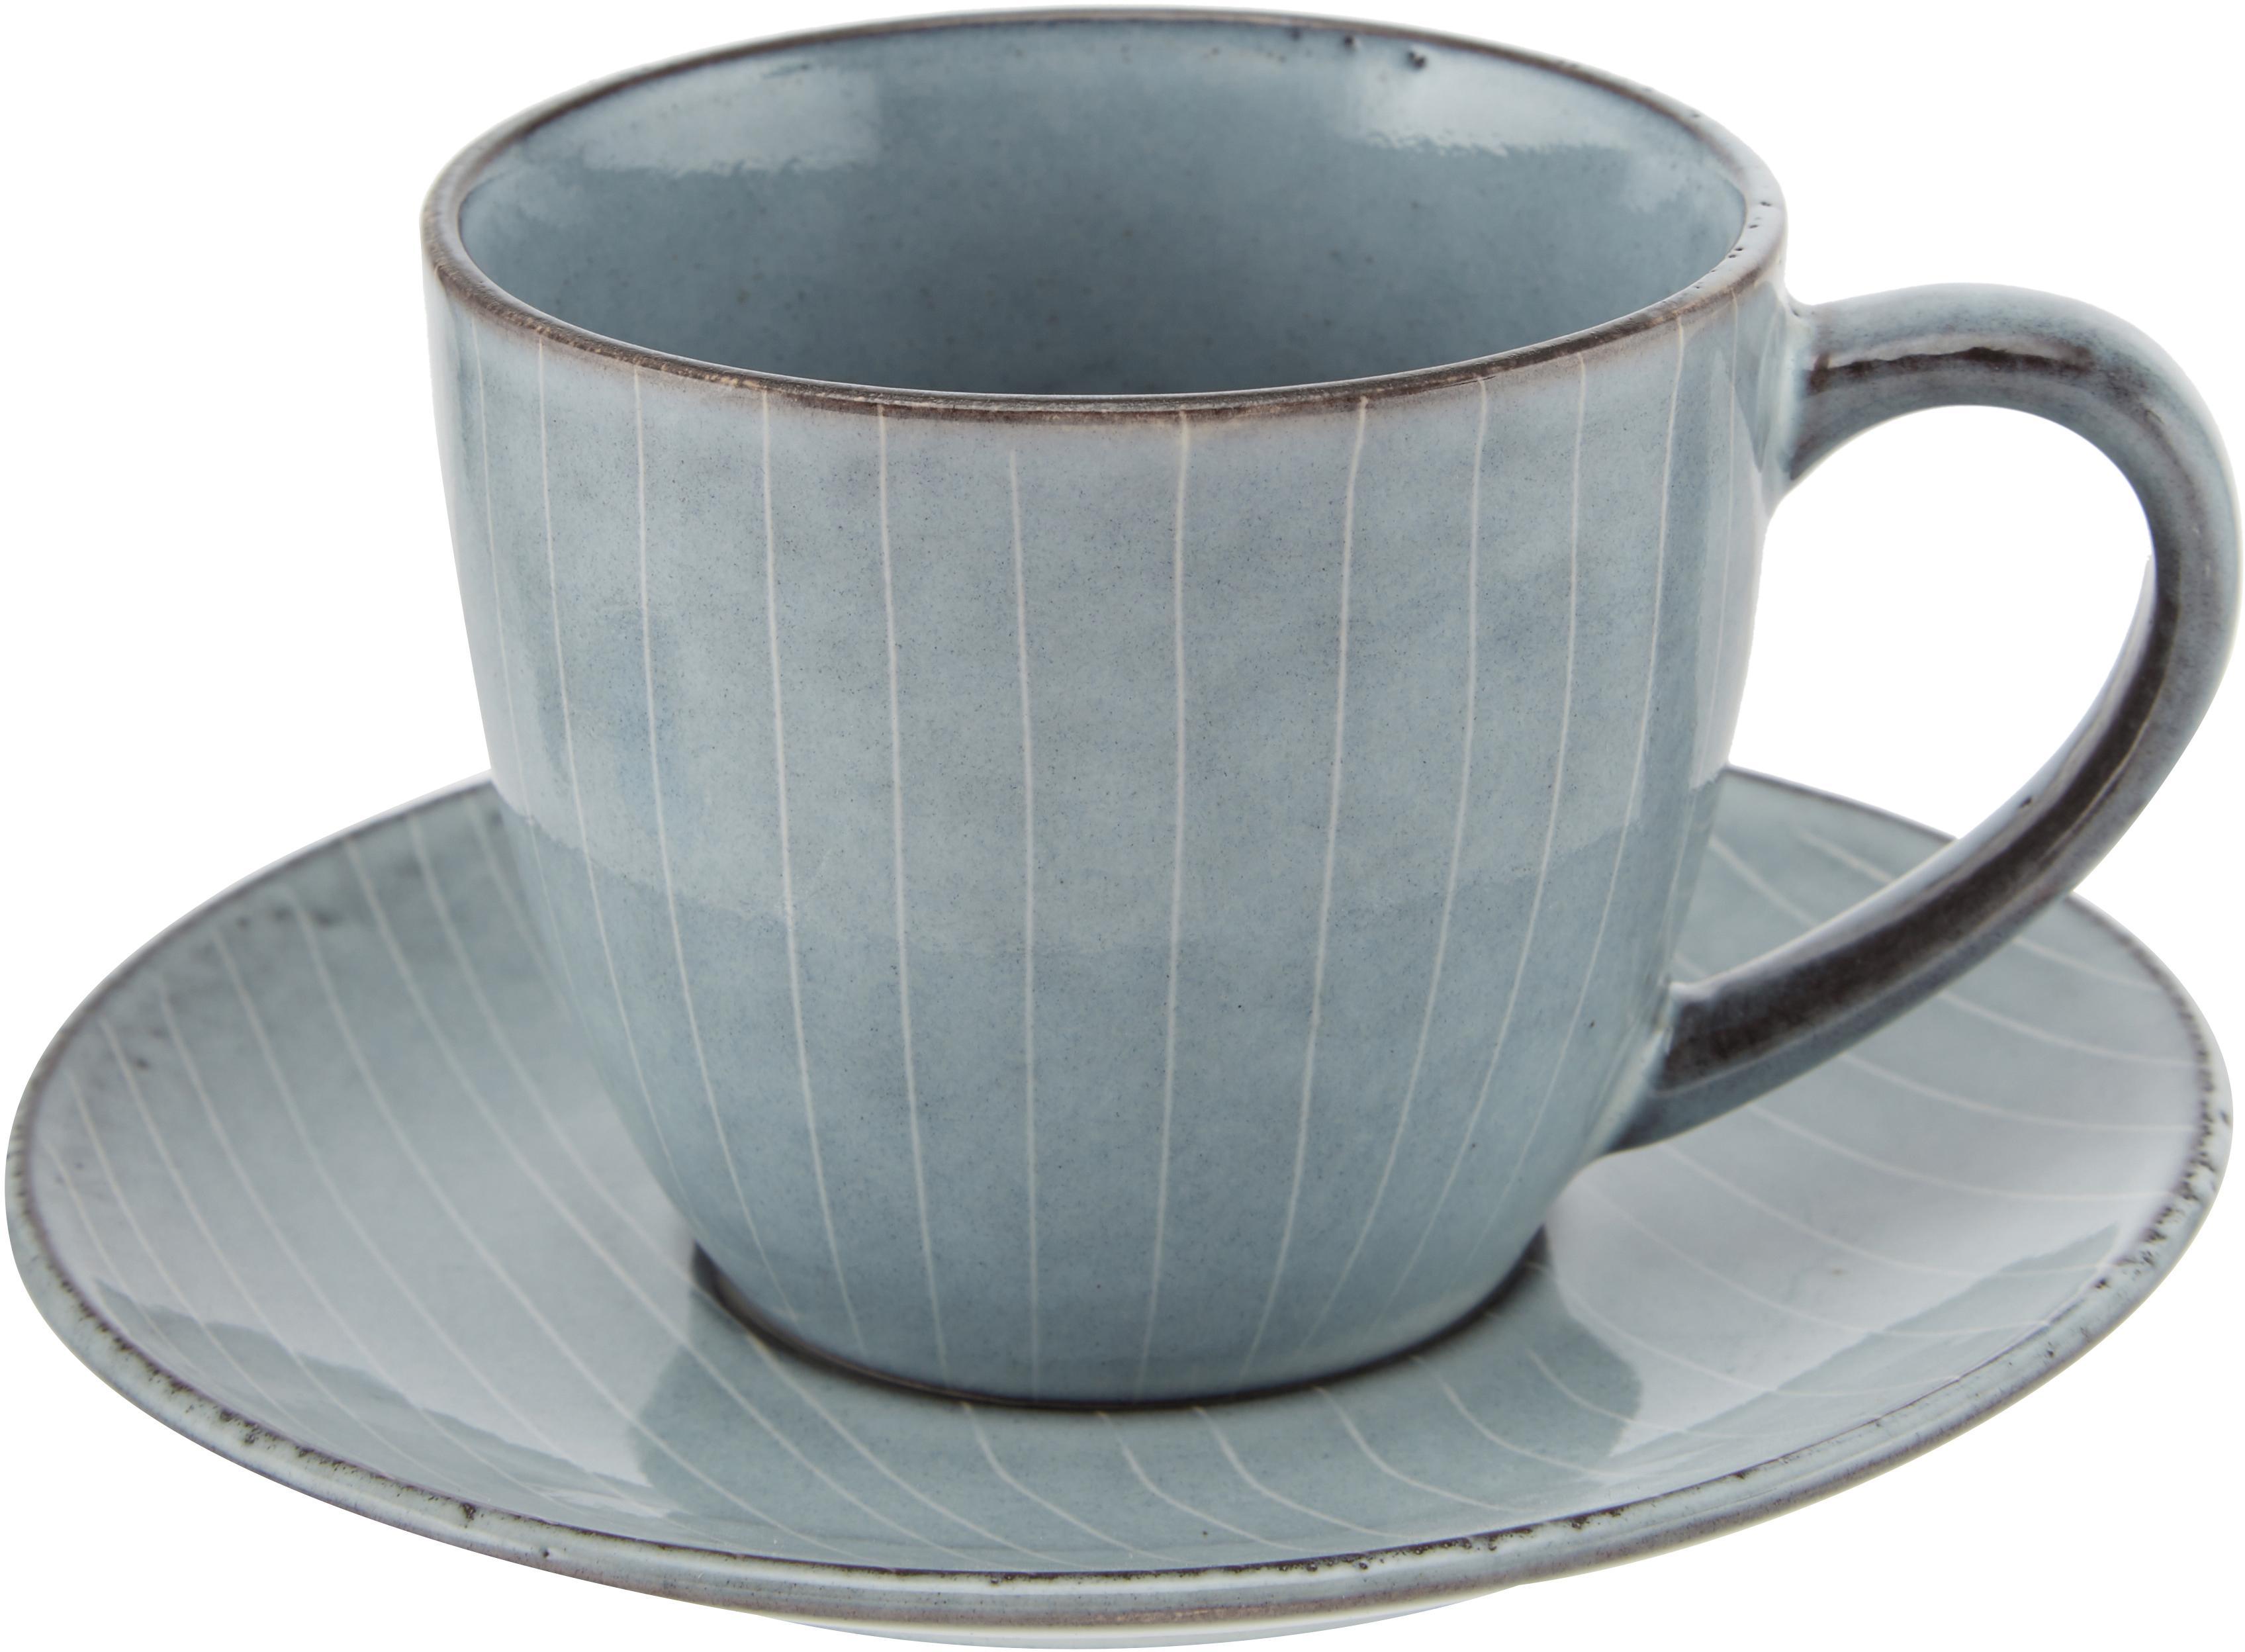 Handgemaakt kopje met schoteltje Nordic Sea, Keramiek, Grijs- en blauwtinten, Ø 14 x H 9 cm